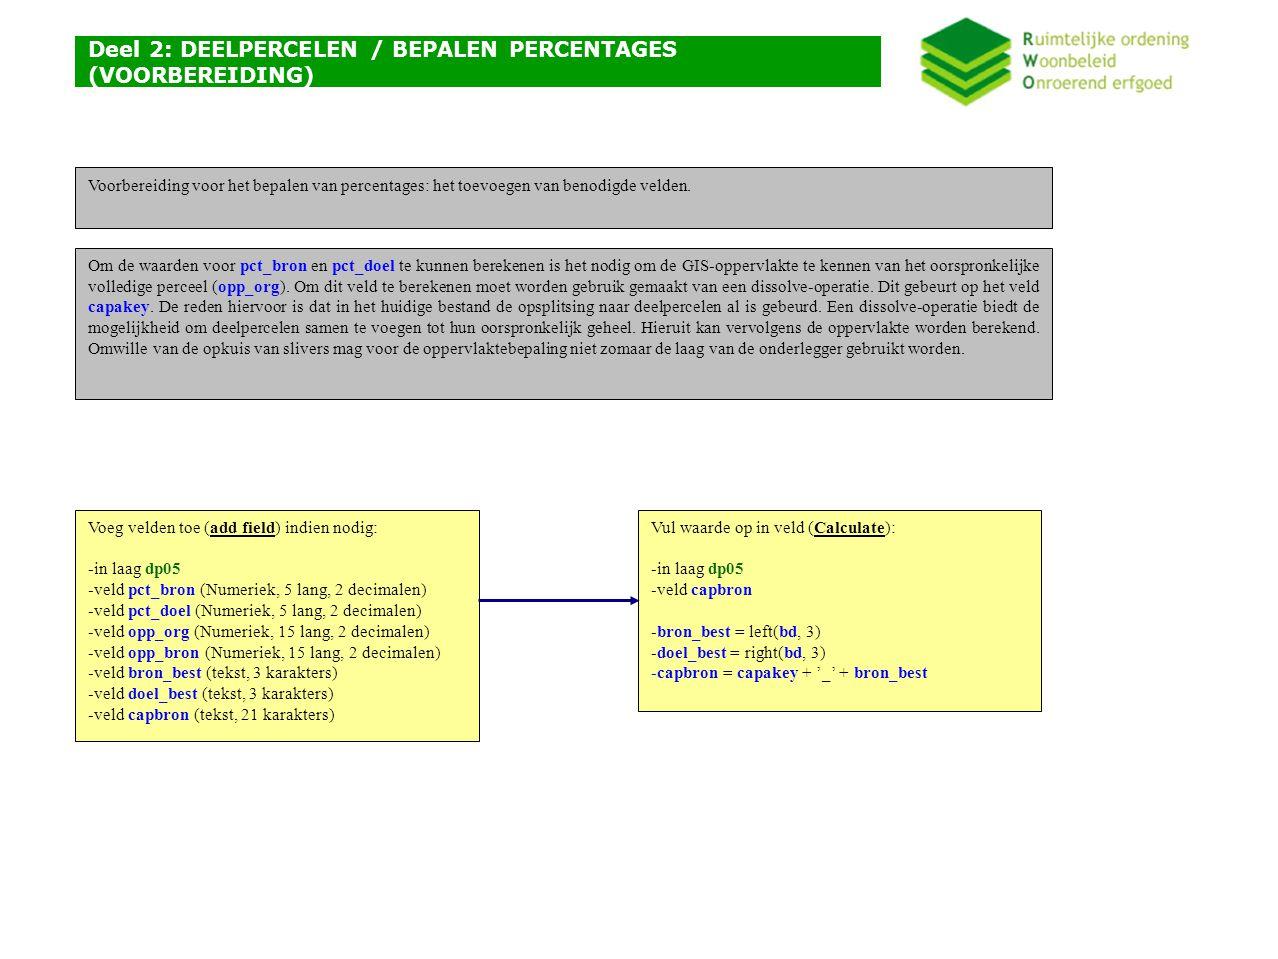 Deel 2: DEELPERCELEN / BEPALEN PERCENTAGES (VOORBEREIDING) Voeg velden toe (add field) indien nodig: -in laag dp05 -veld pct_bron (Numeriek, 5 lang, 2 decimalen) -veld pct_doel (Numeriek, 5 lang, 2 decimalen) -veld opp_org (Numeriek, 15 lang, 2 decimalen) -veld opp_bron (Numeriek, 15 lang, 2 decimalen) -veld bron_best (tekst, 3 karakters) -veld doel_best (tekst, 3 karakters) -veld capbron (tekst, 21 karakters) Om de waarden voor pct_bron en pct_doel te kunnen berekenen is het nodig om de GIS-oppervlakte te kennen van het oorspronkelijke volledige perceel (opp_org).